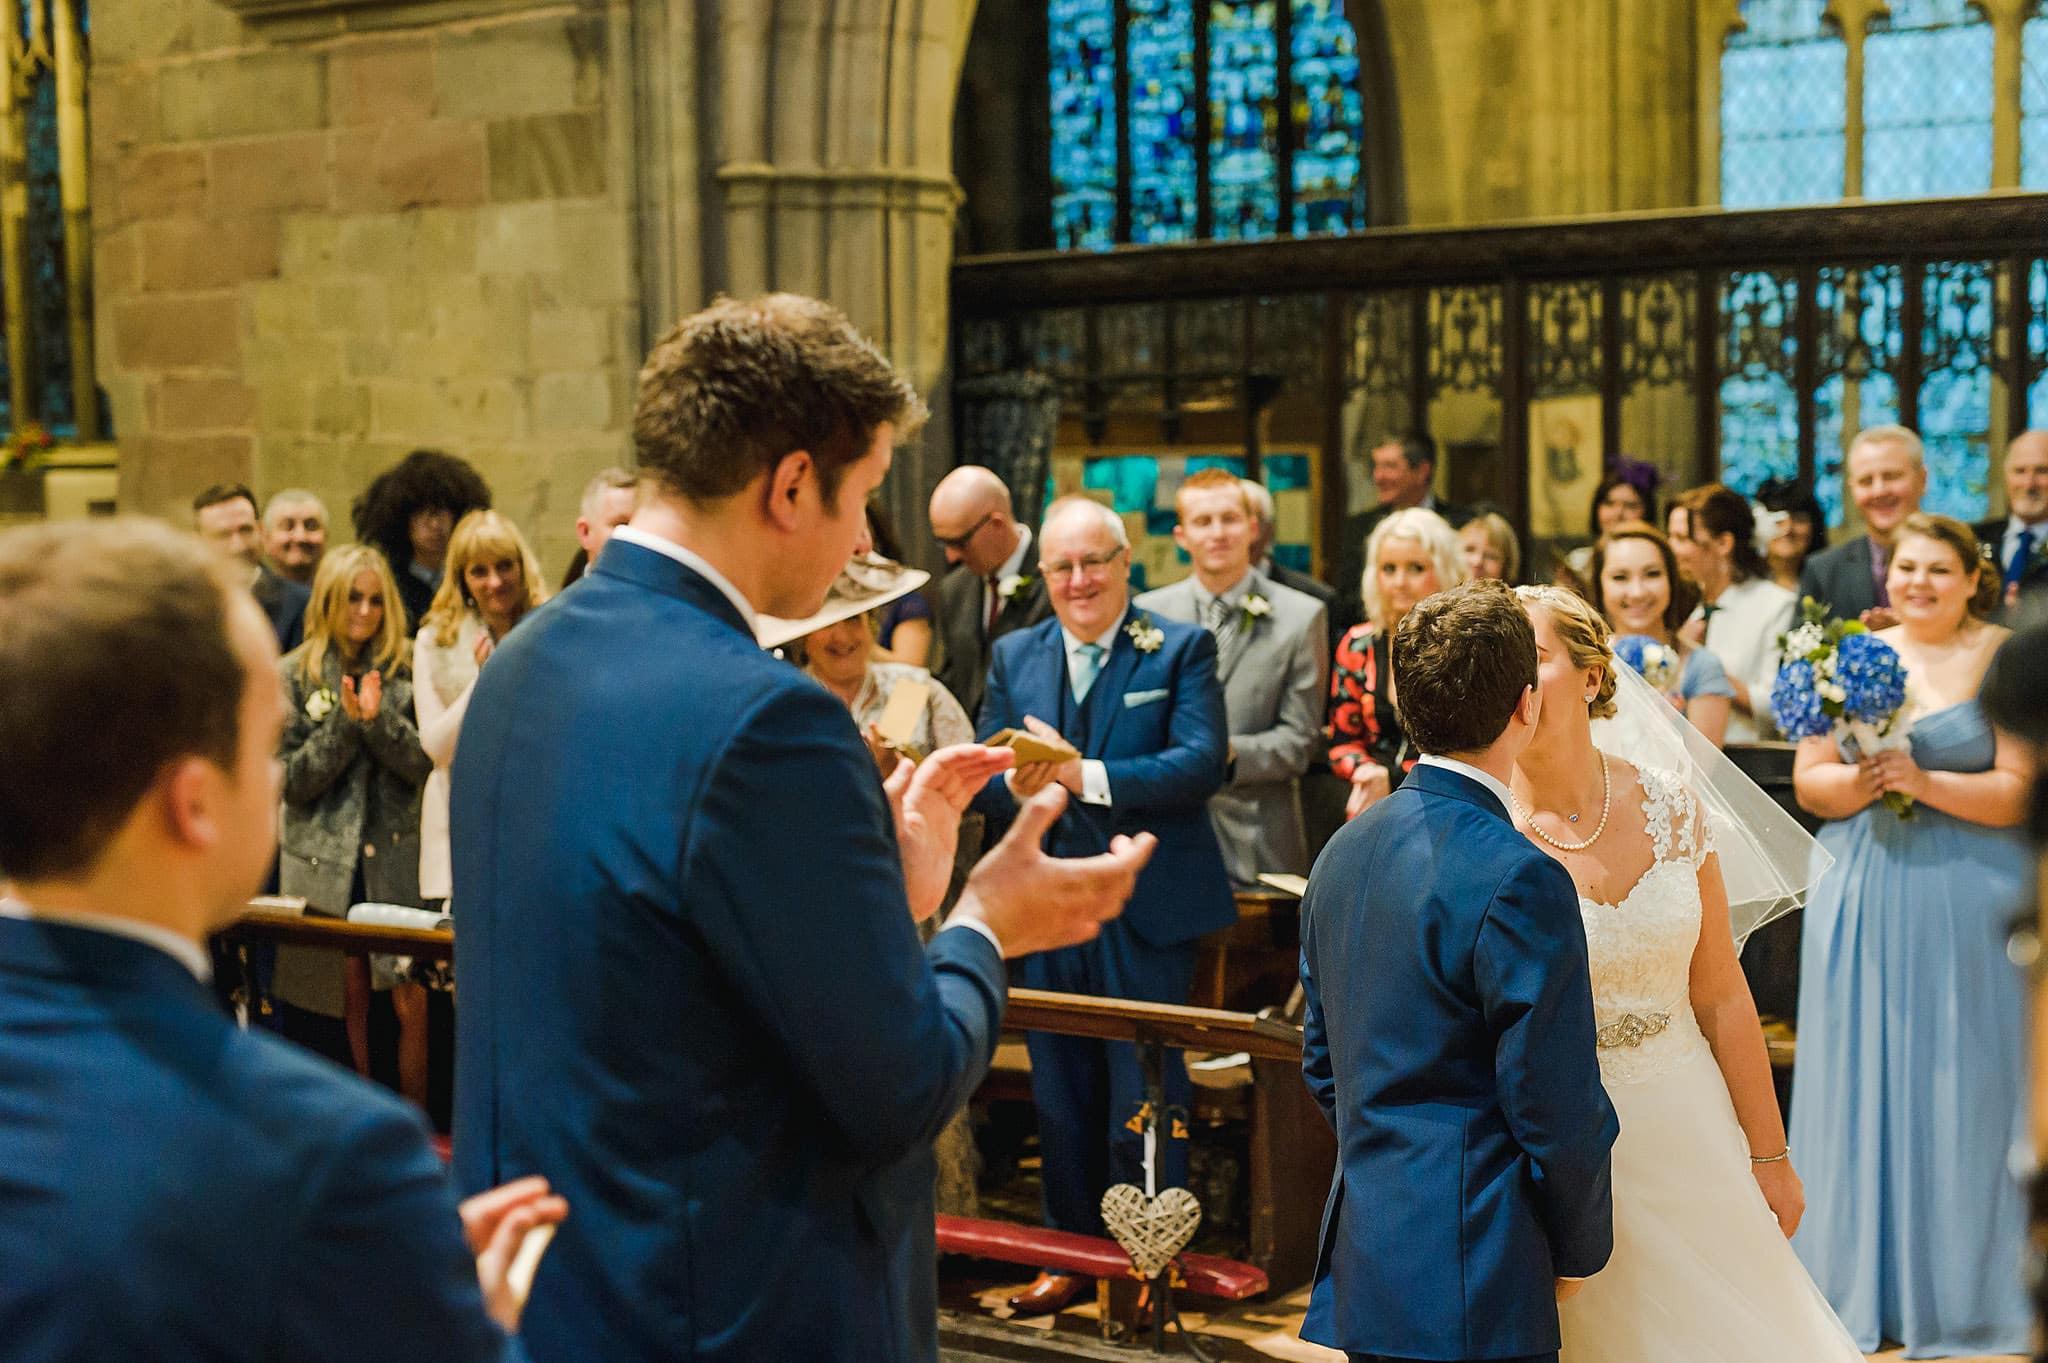 deer park hall wedding 45 - Deer Park Hall - Wedding Photography West Midlands